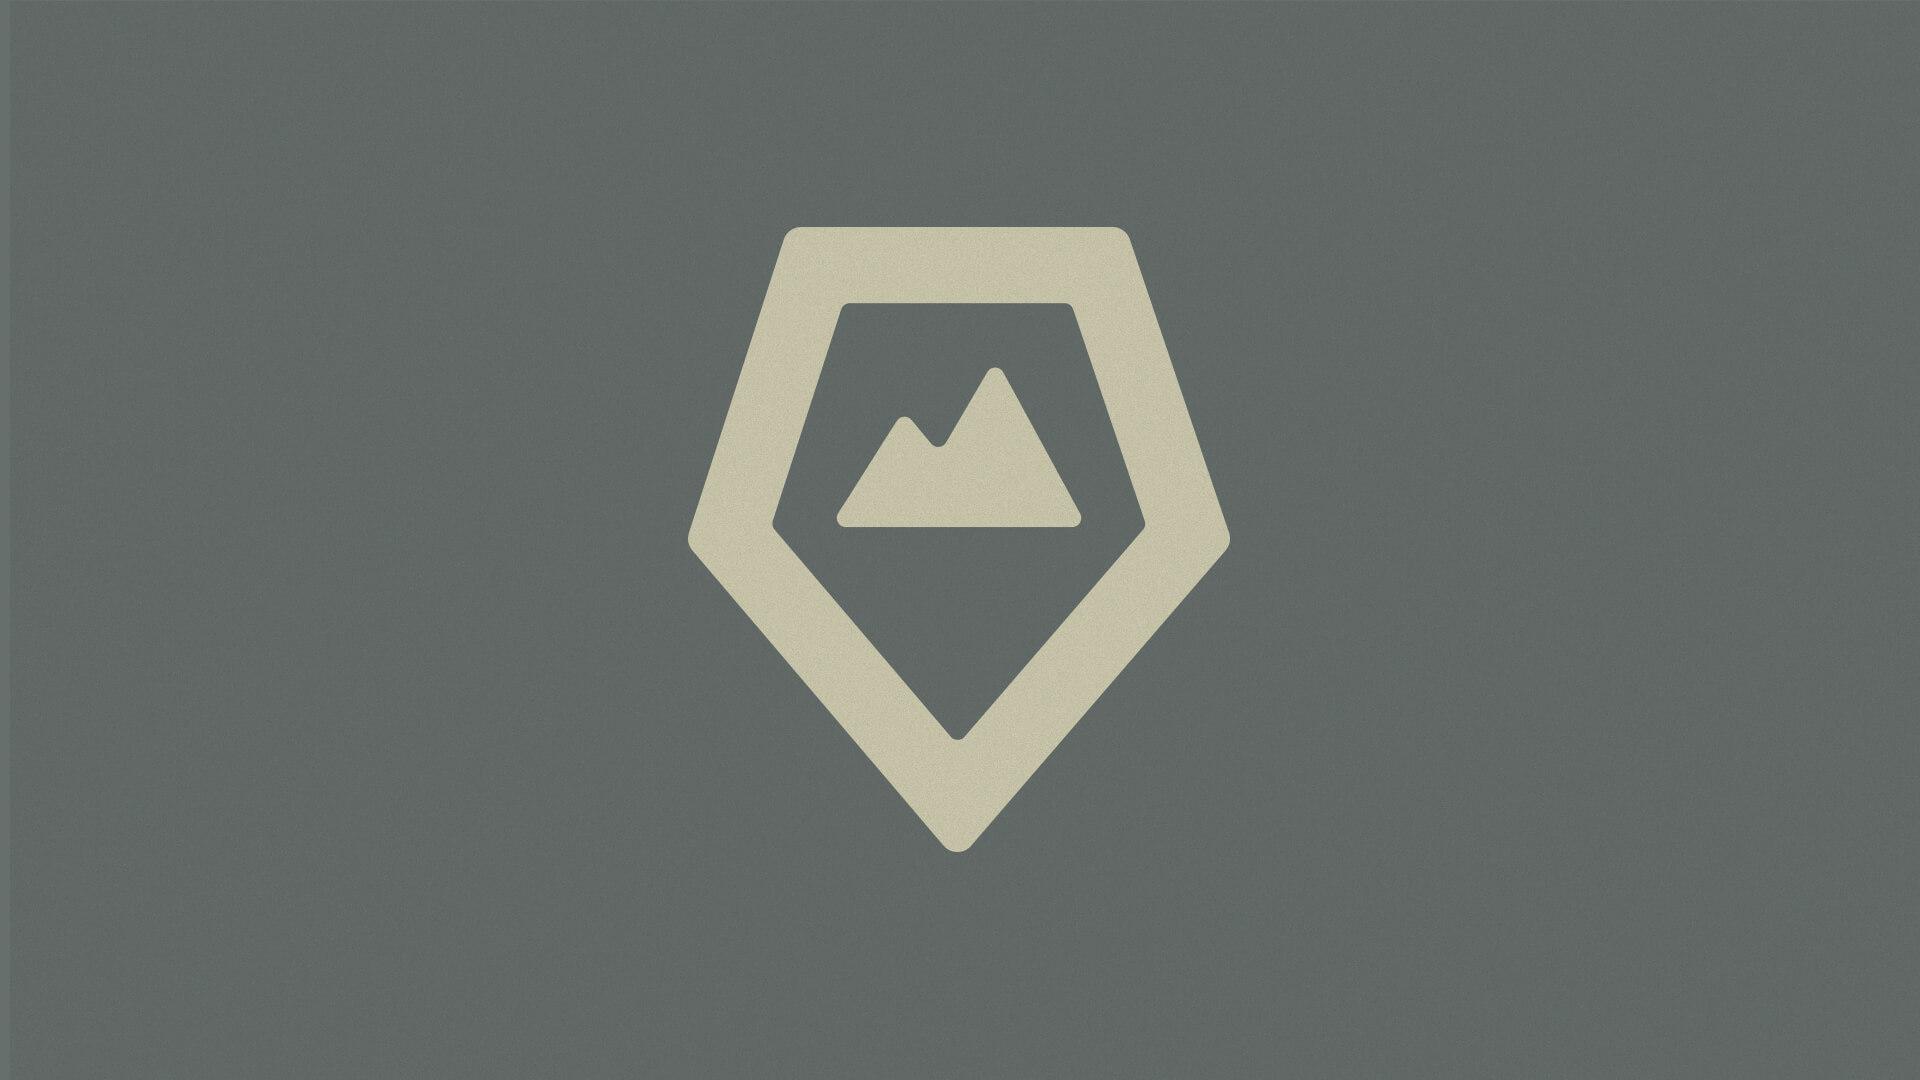 Logomark - Wandrd